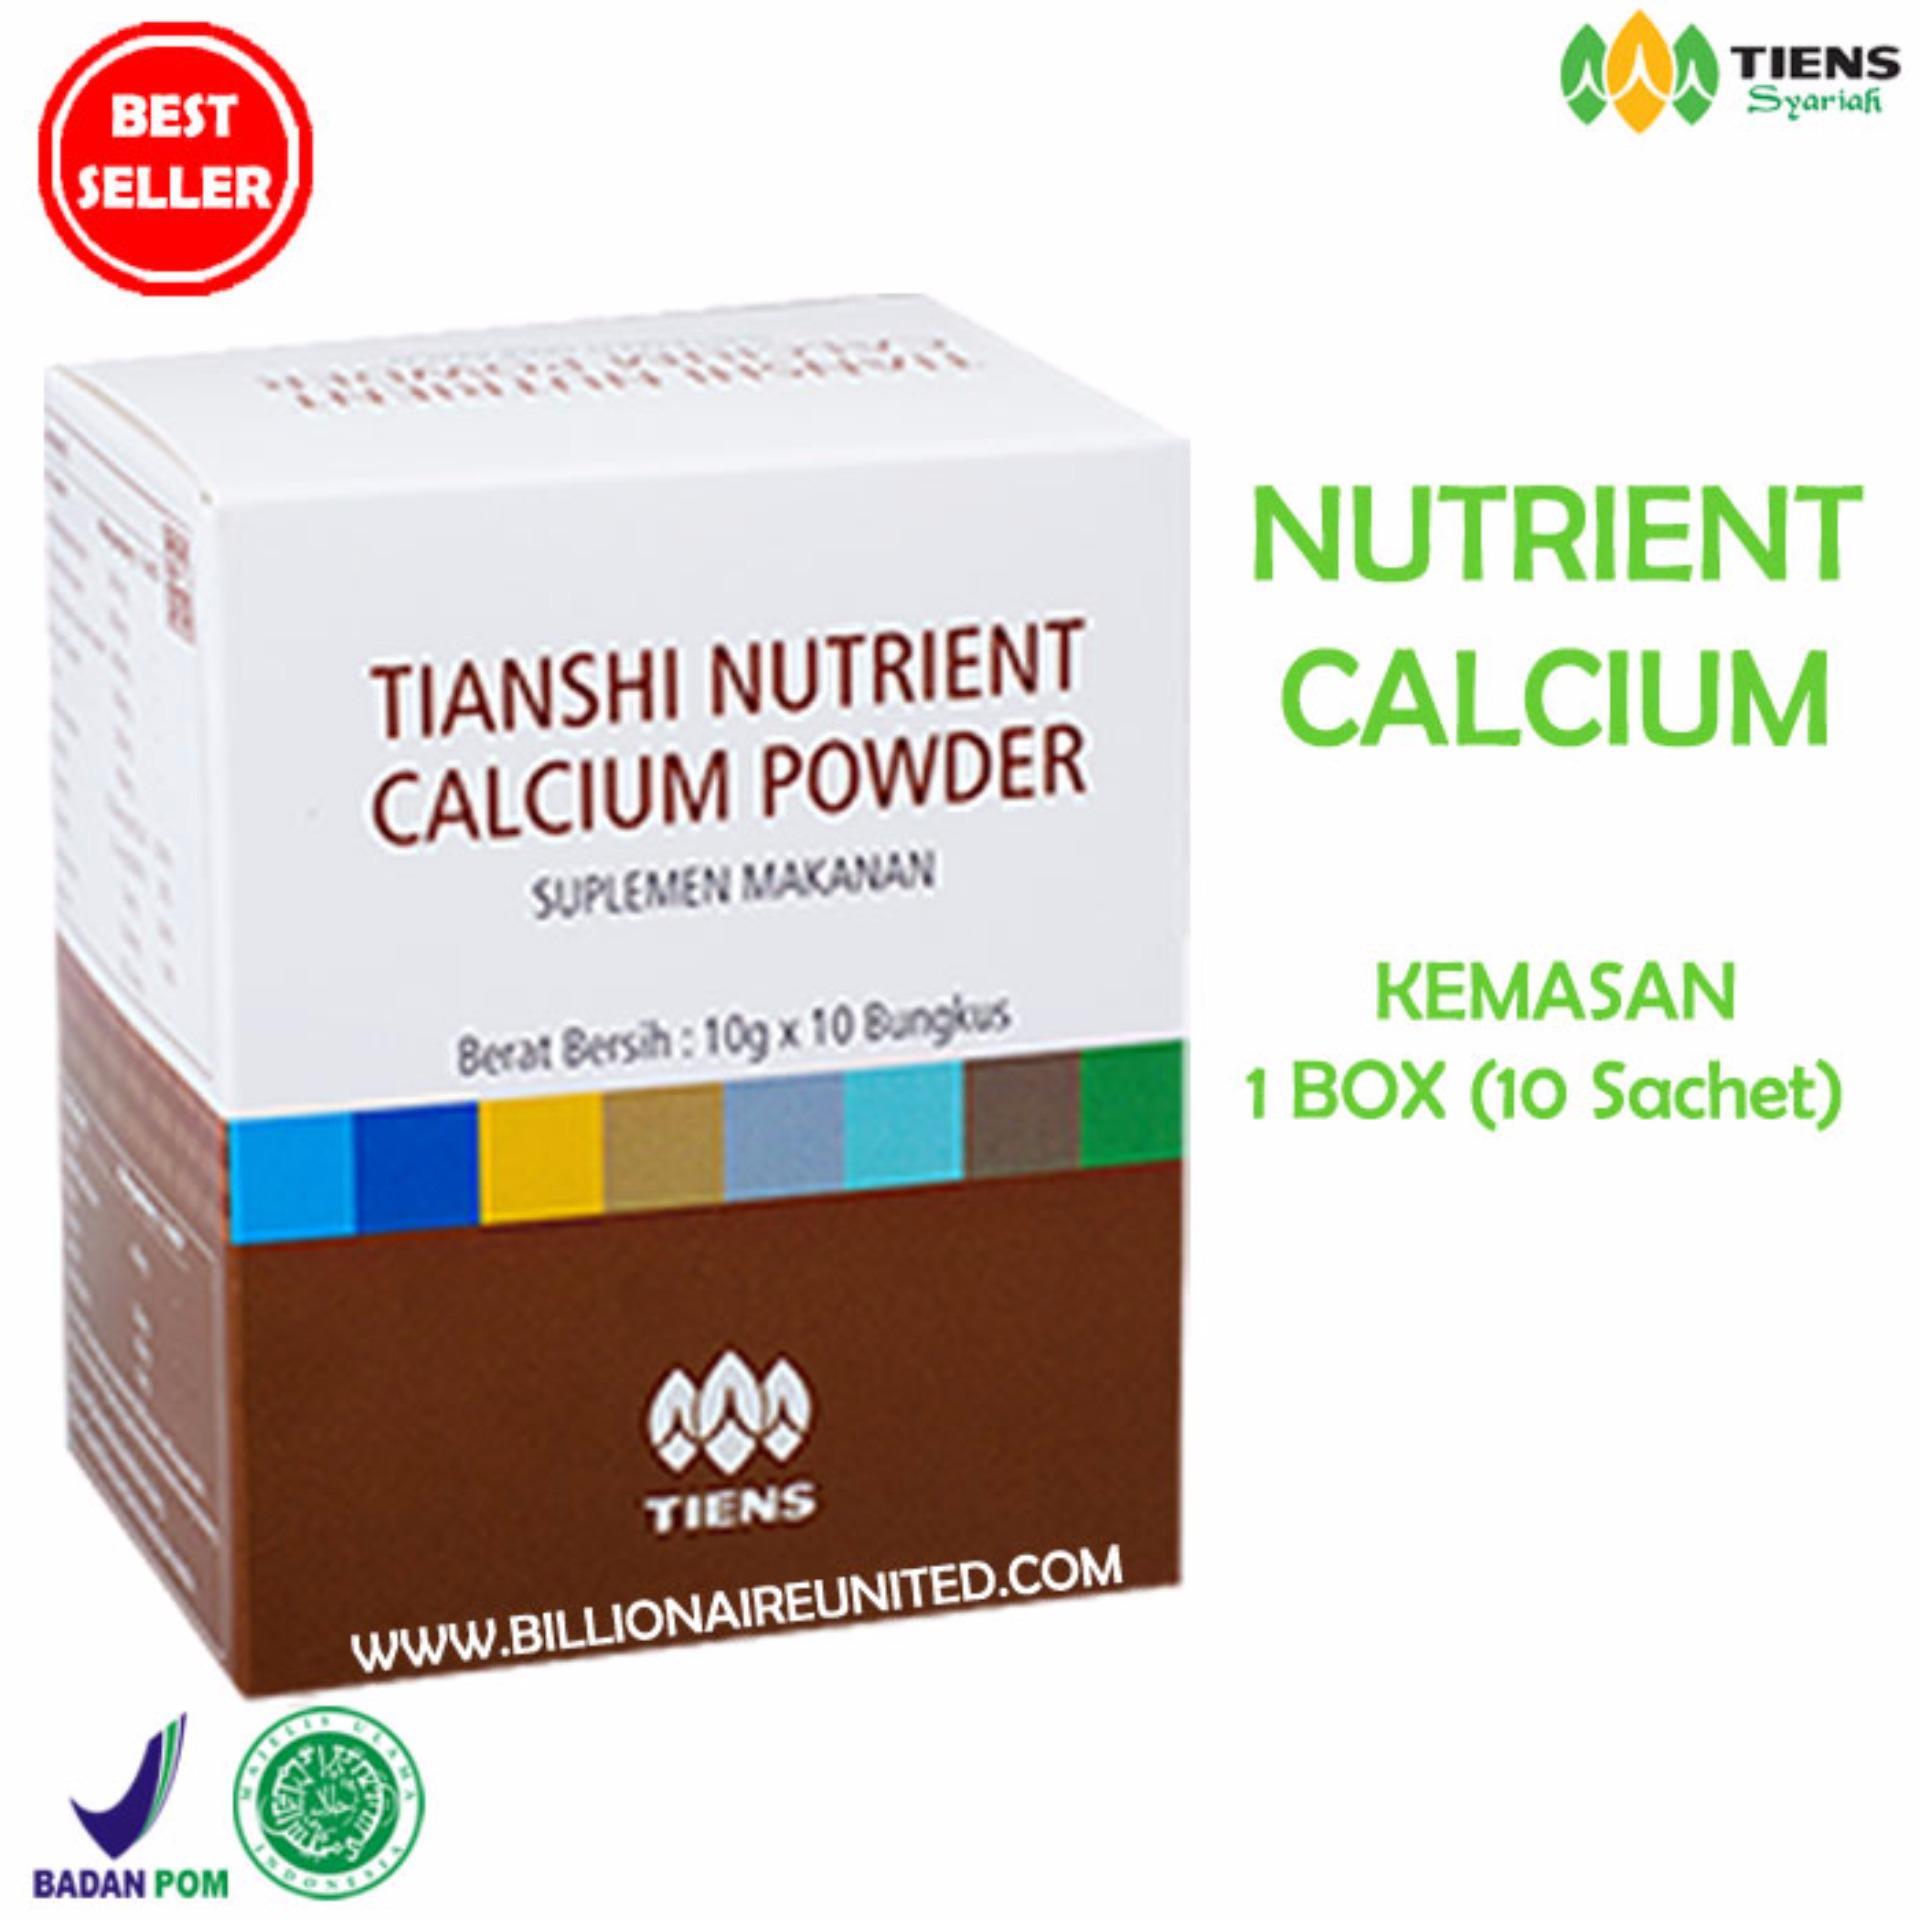 Harga Tiens Nutrient Calcium Powder Kalsium Untuk Tulang Patah Retak Osteoporosis Dan Peninggi Badan Tiens Baru